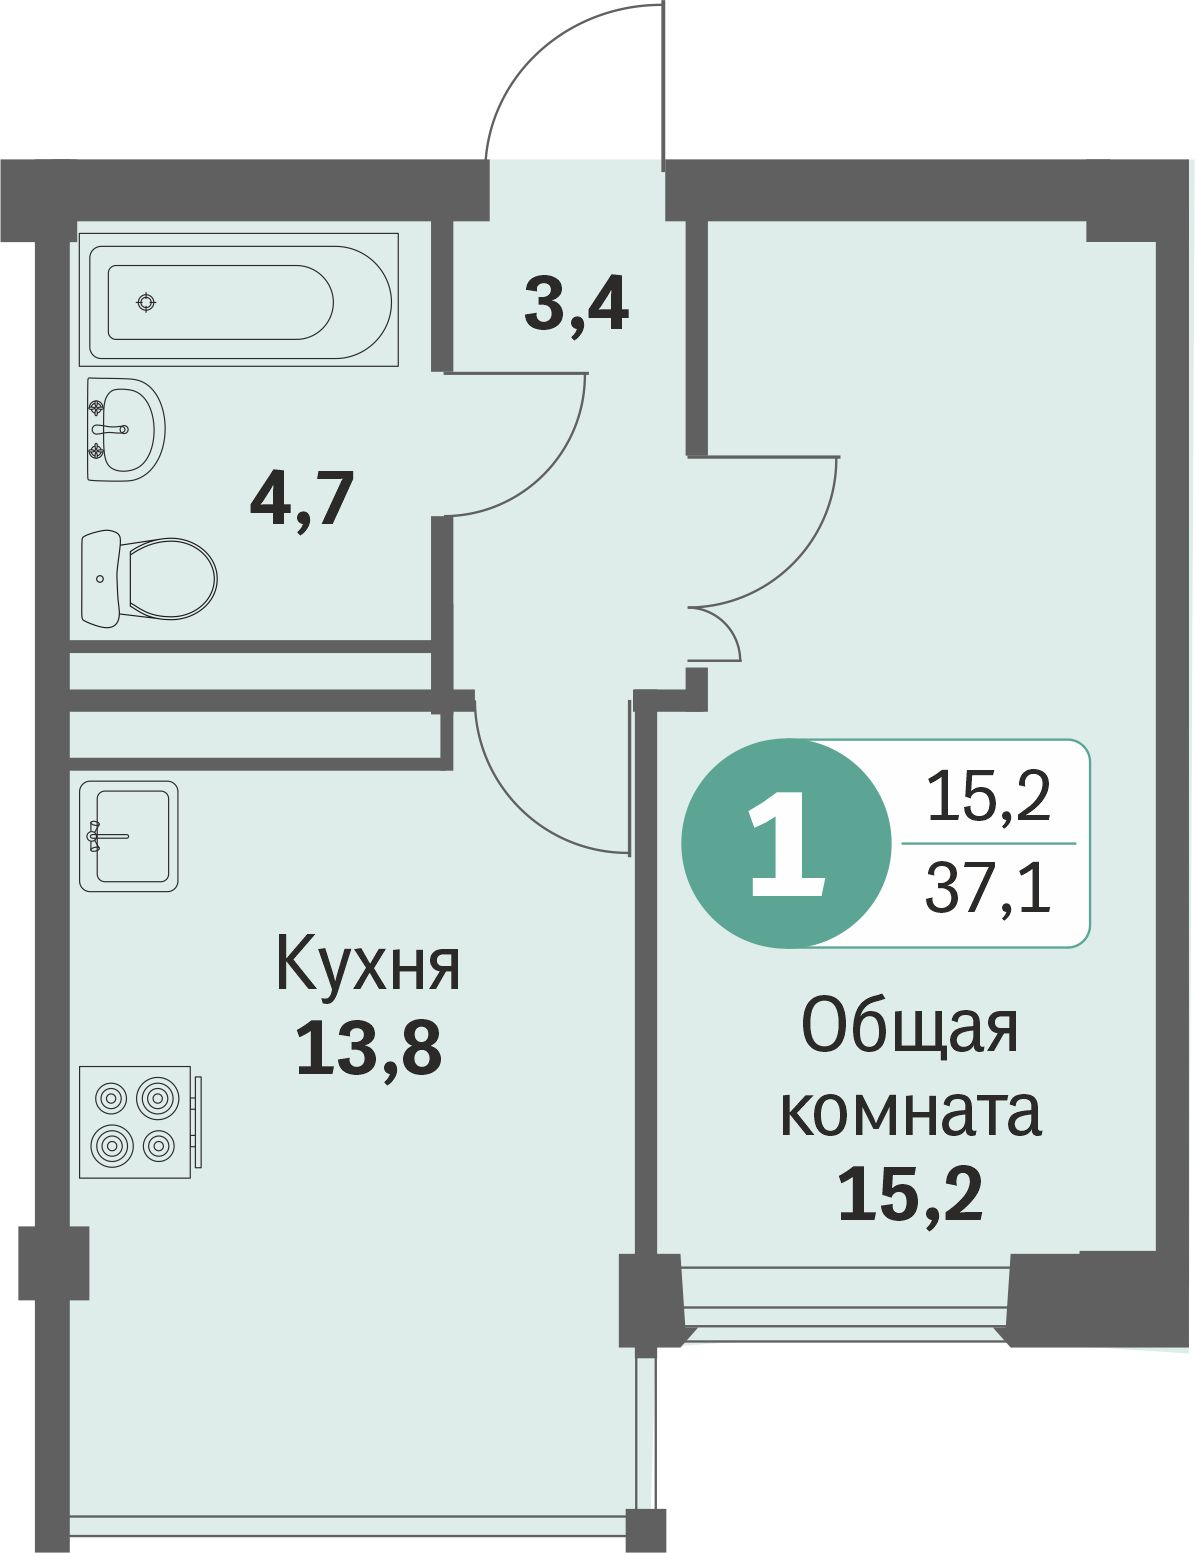 ул. Свиридова д.8, квартира 426 - Однокомнатная